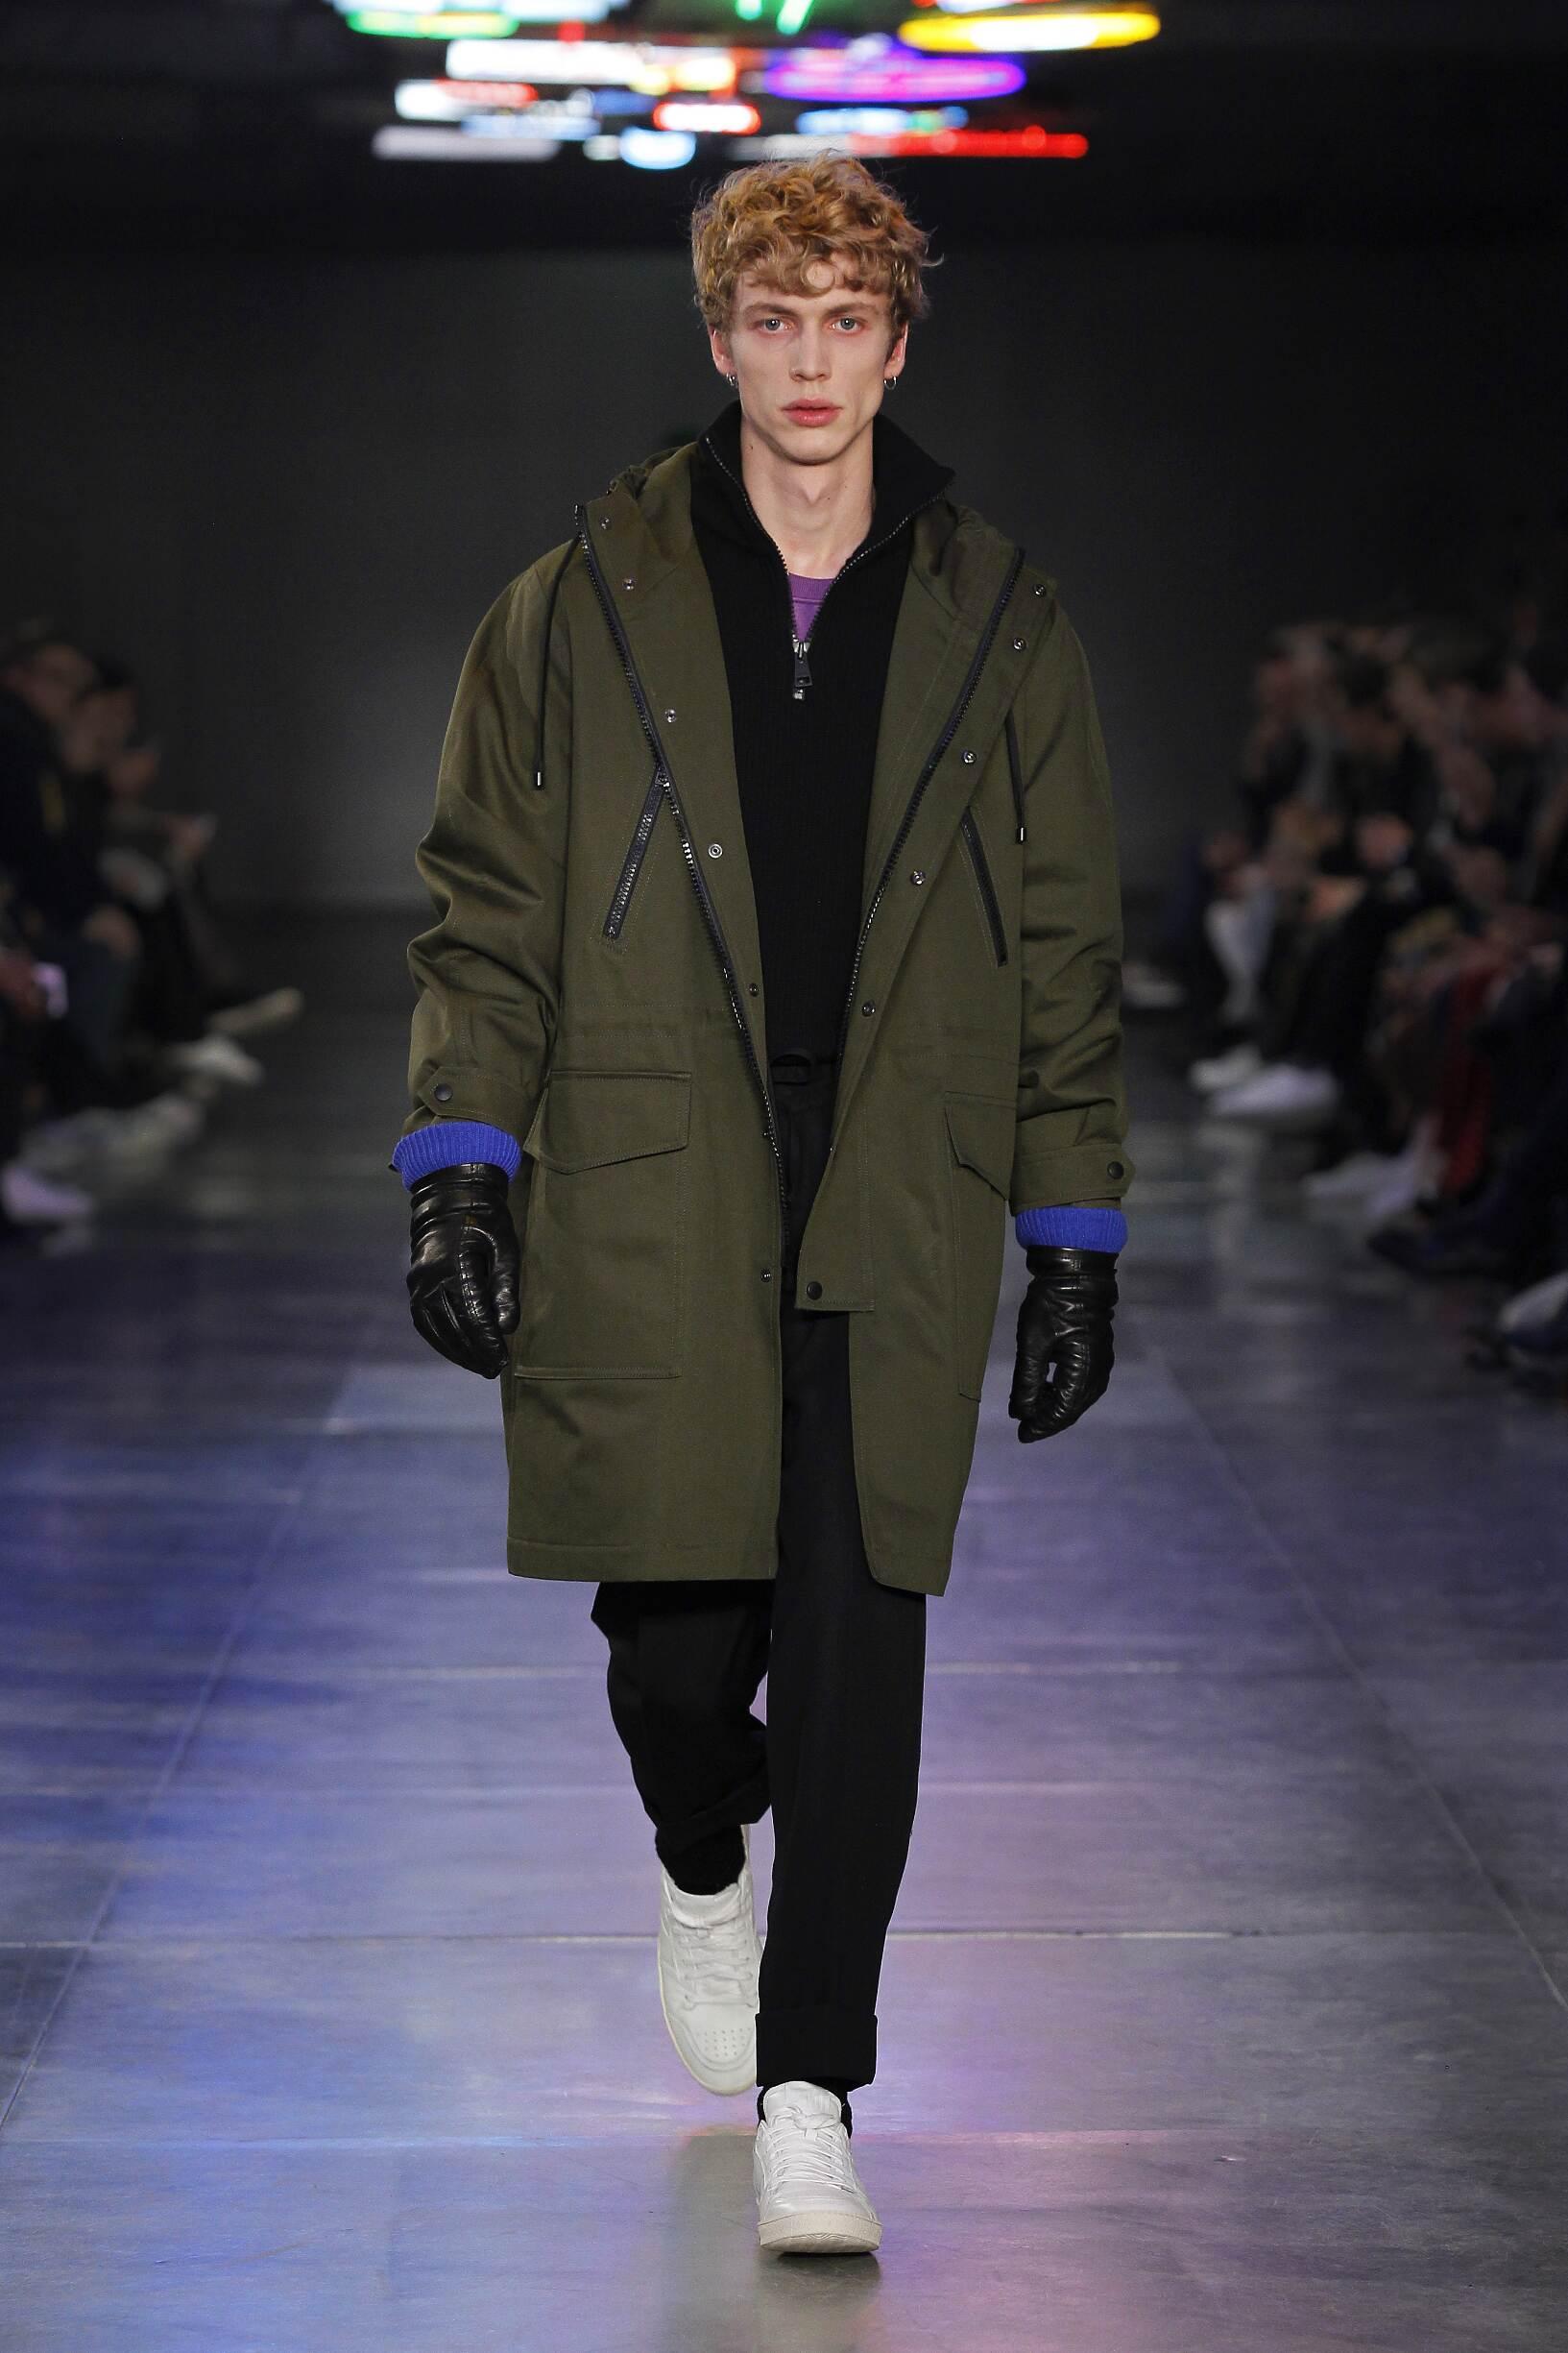 Fashion Man Model Ami Catwalk